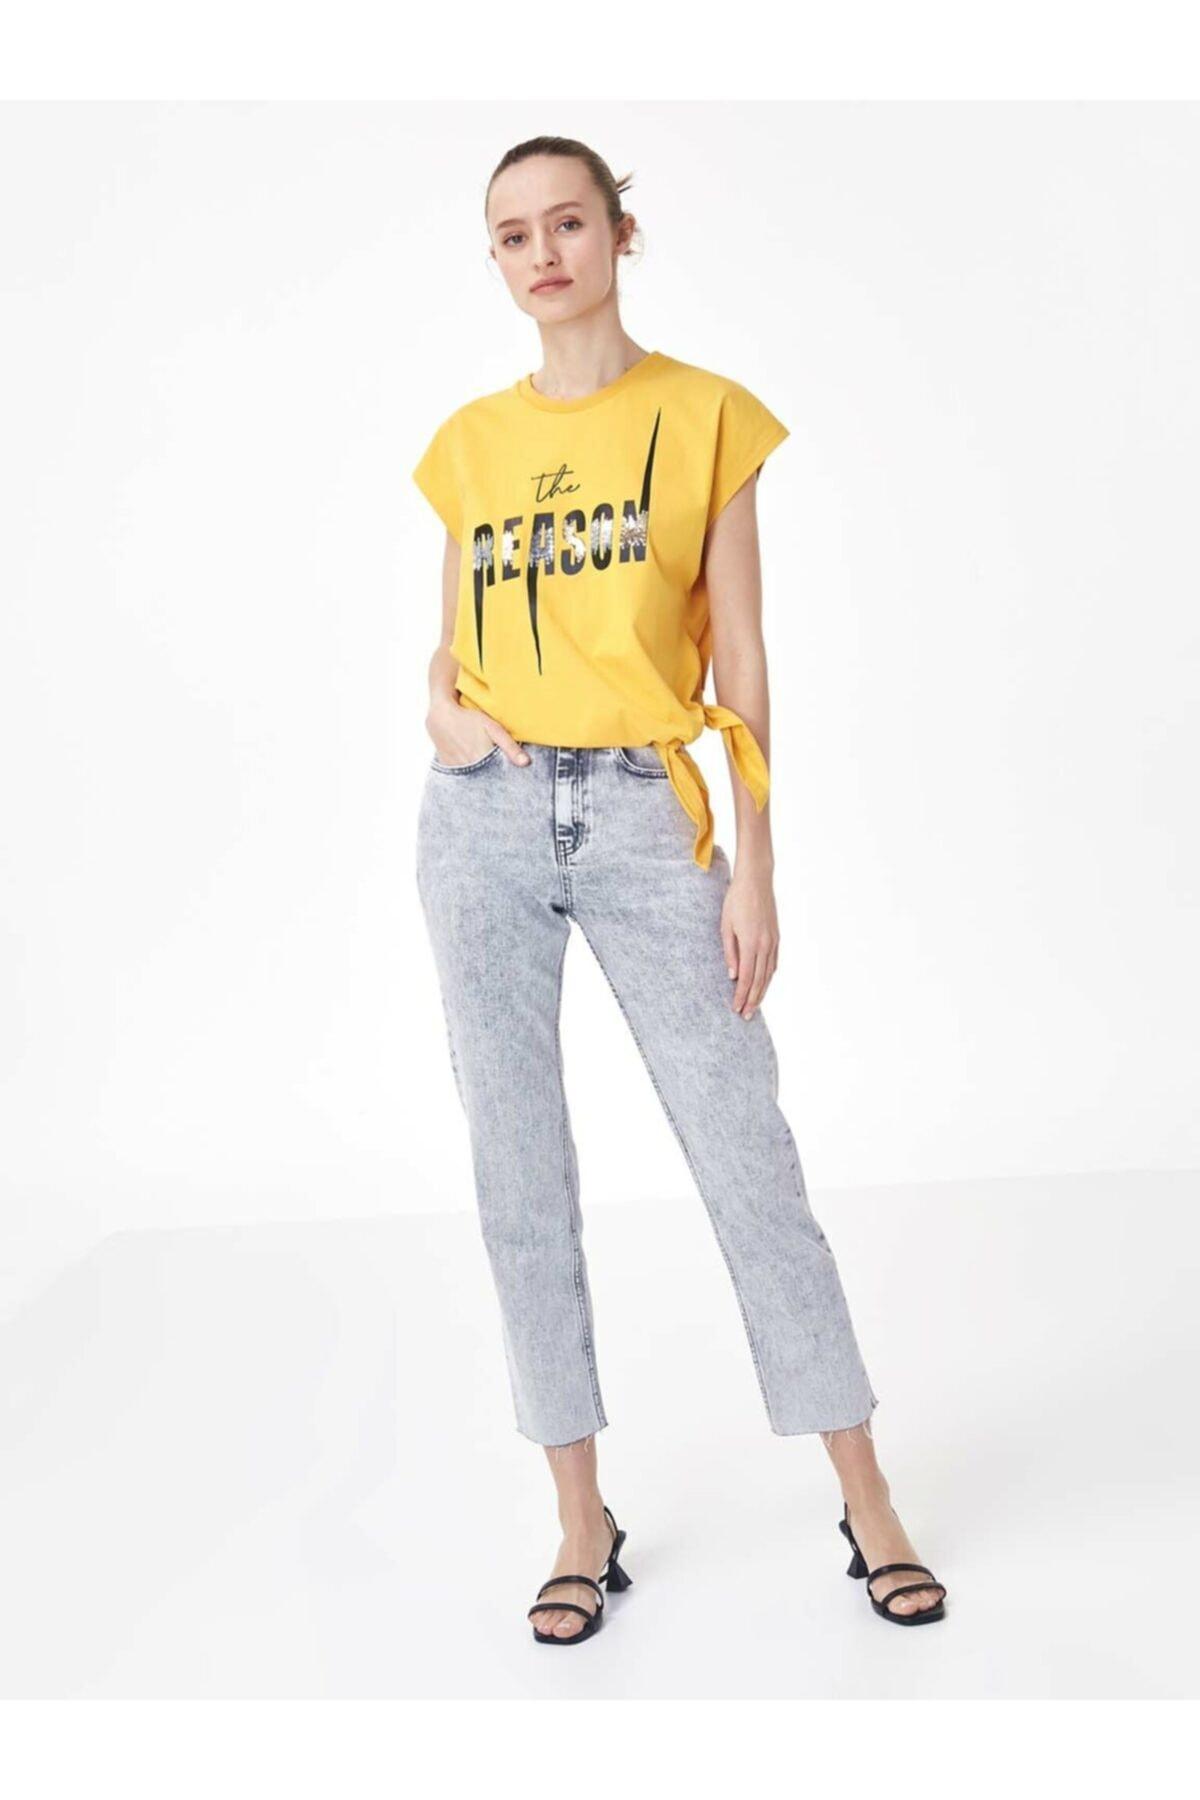 Twist Kadın Turuncu Baskı Üzeri Payet İşli Tişört 2